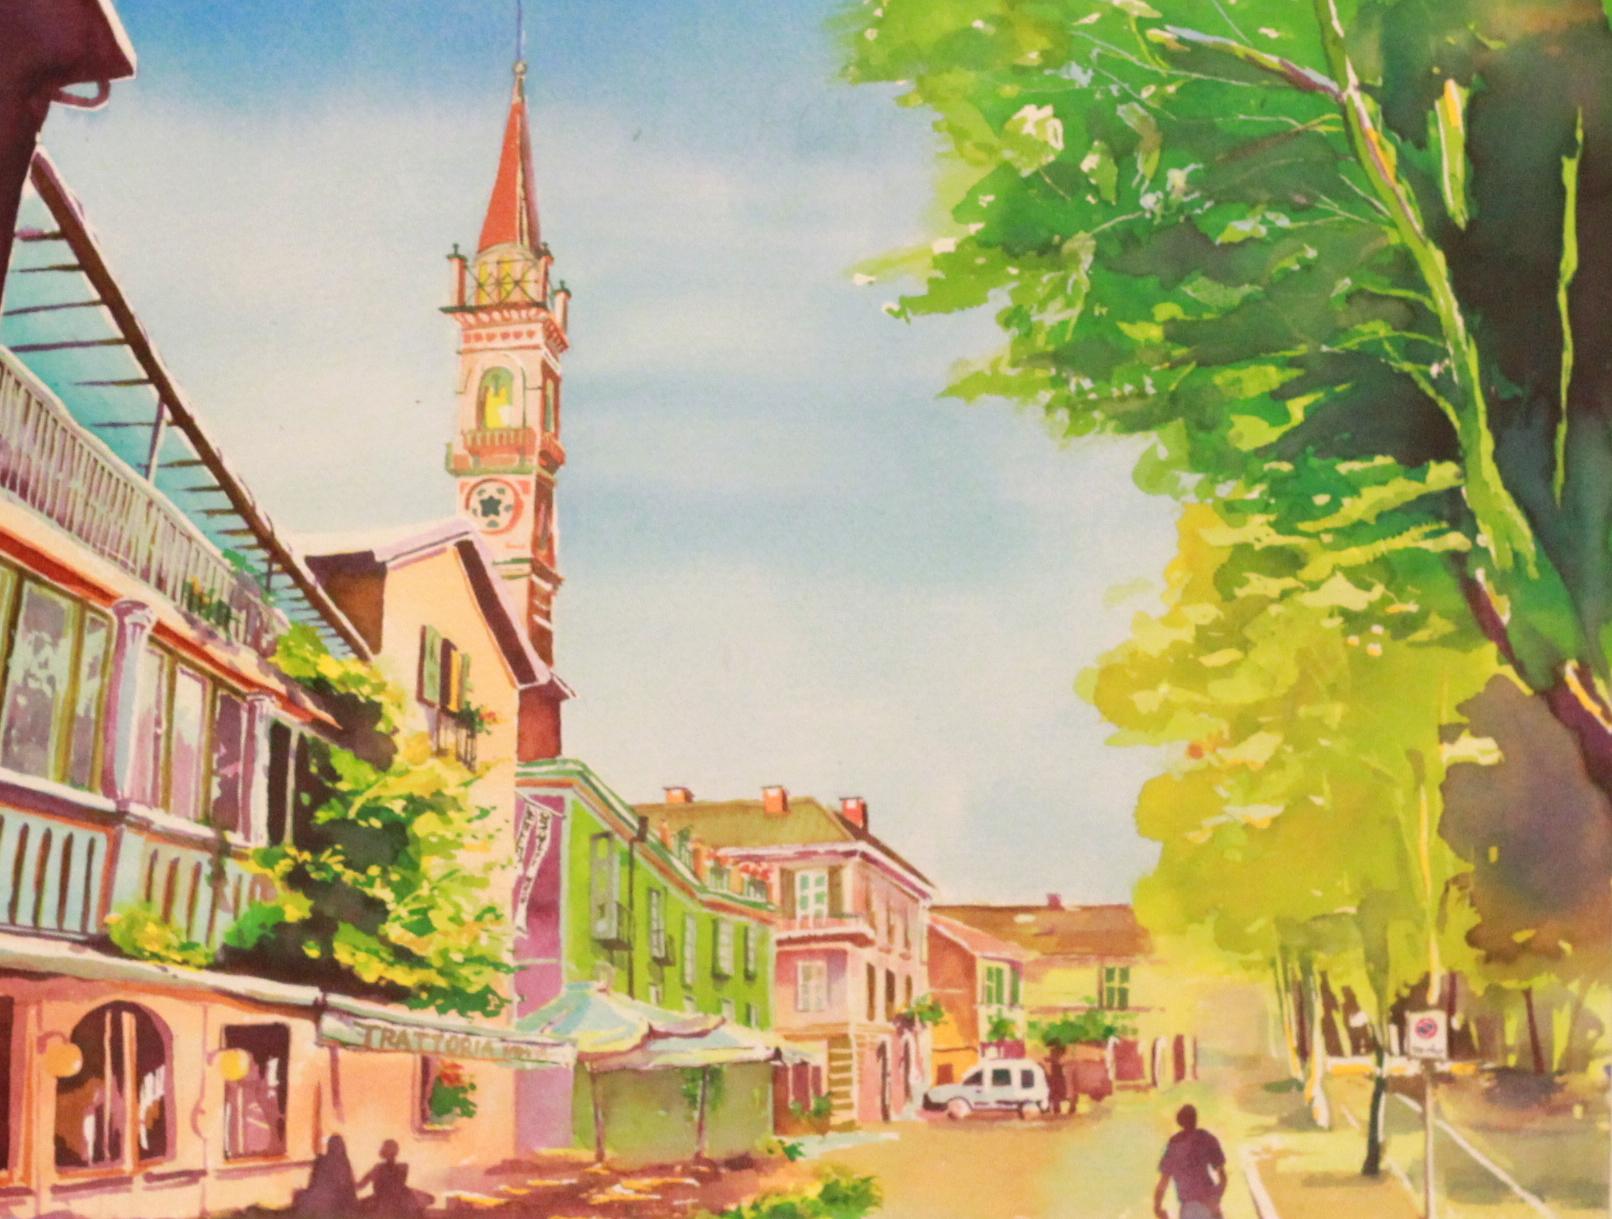 イタリアの風景やイラストが出てきたのでのっけてみます モンド イタリア